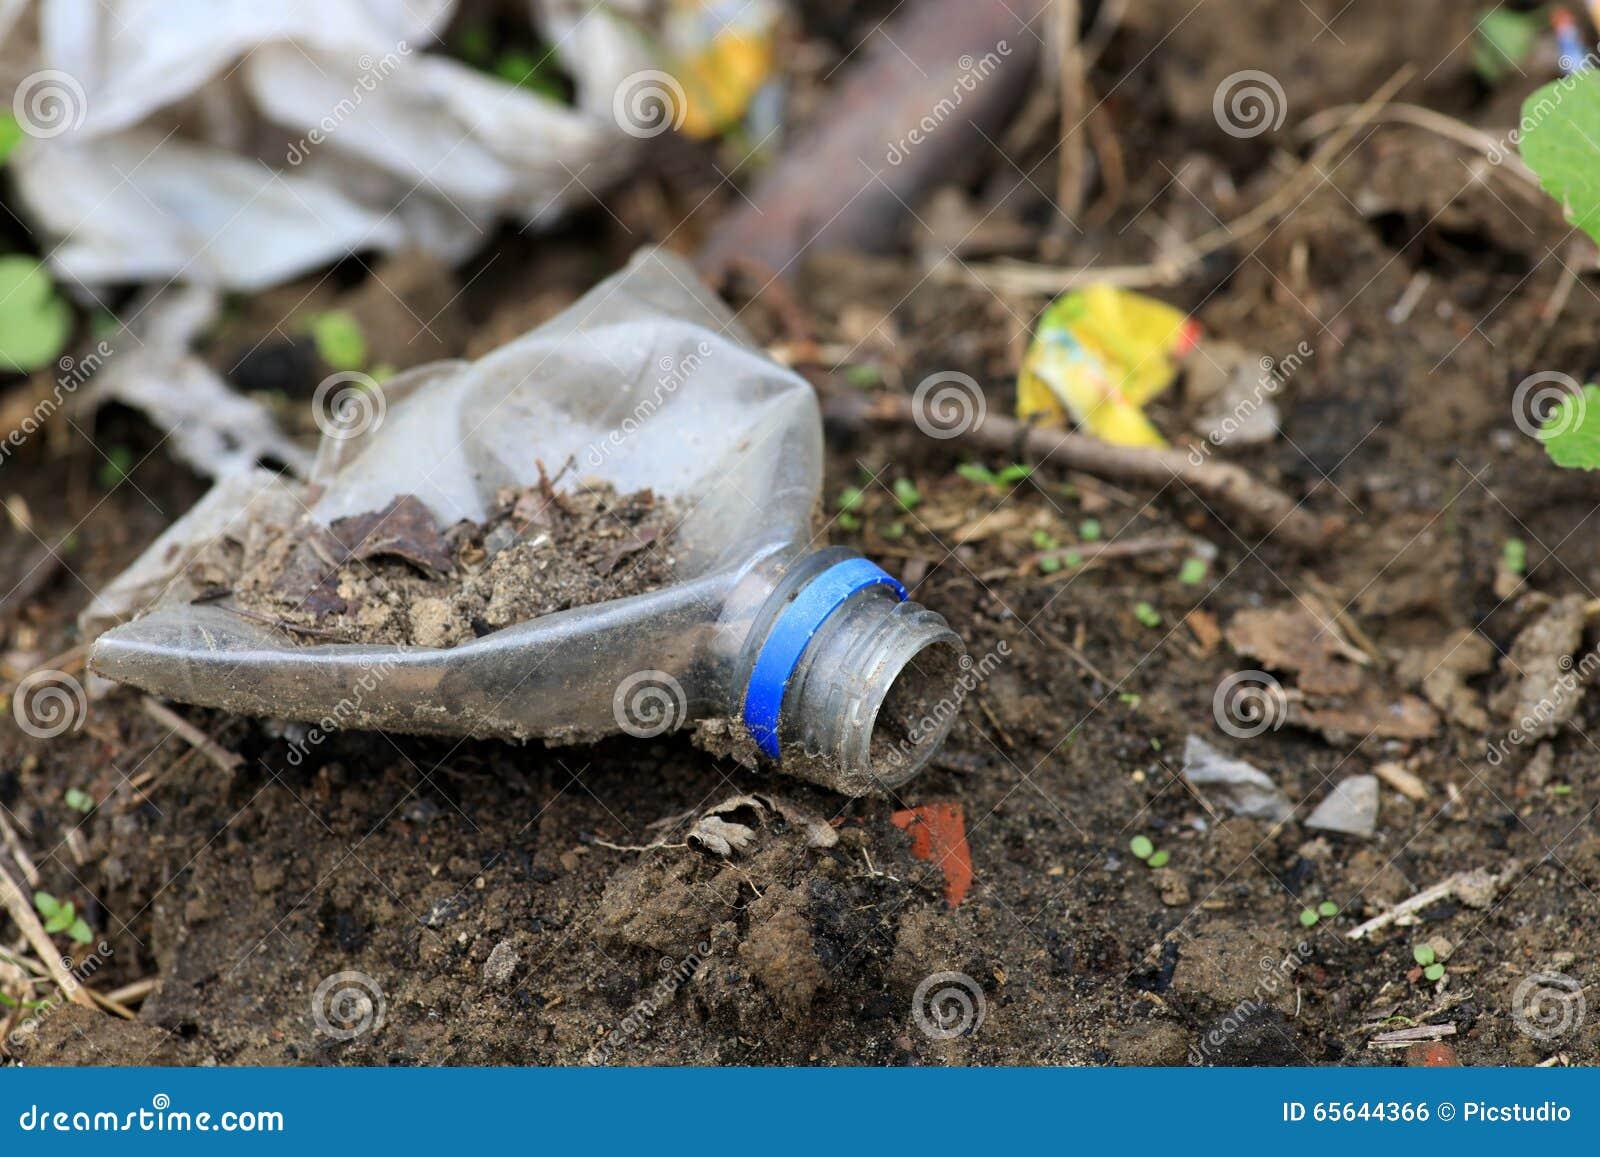 Arrêtez la pollution du sol